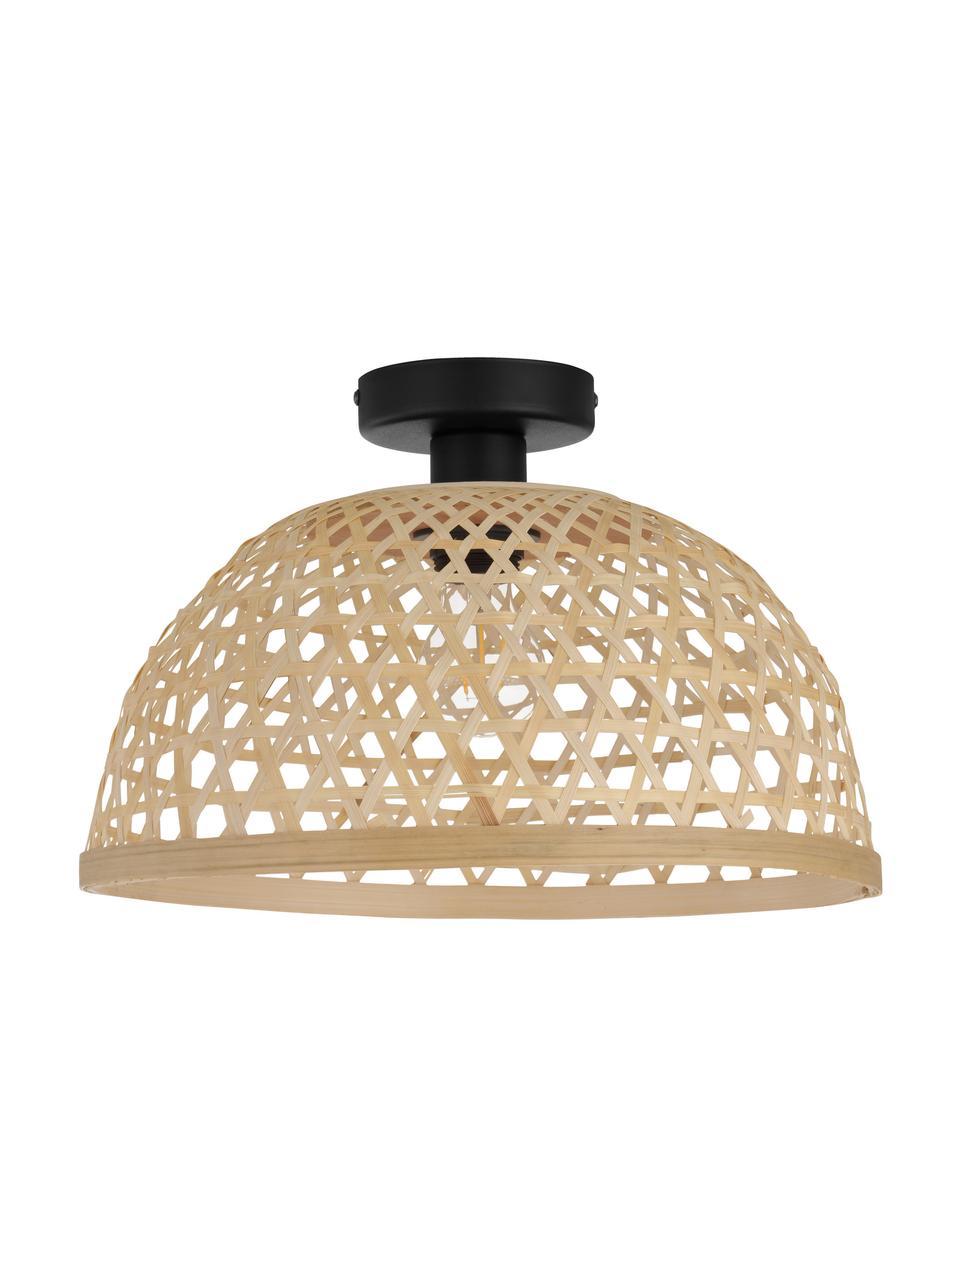 Lampa sufitowa z drewna bambusowego Claverdon, Jasny brązowy, Ø 37  x W 25 cm